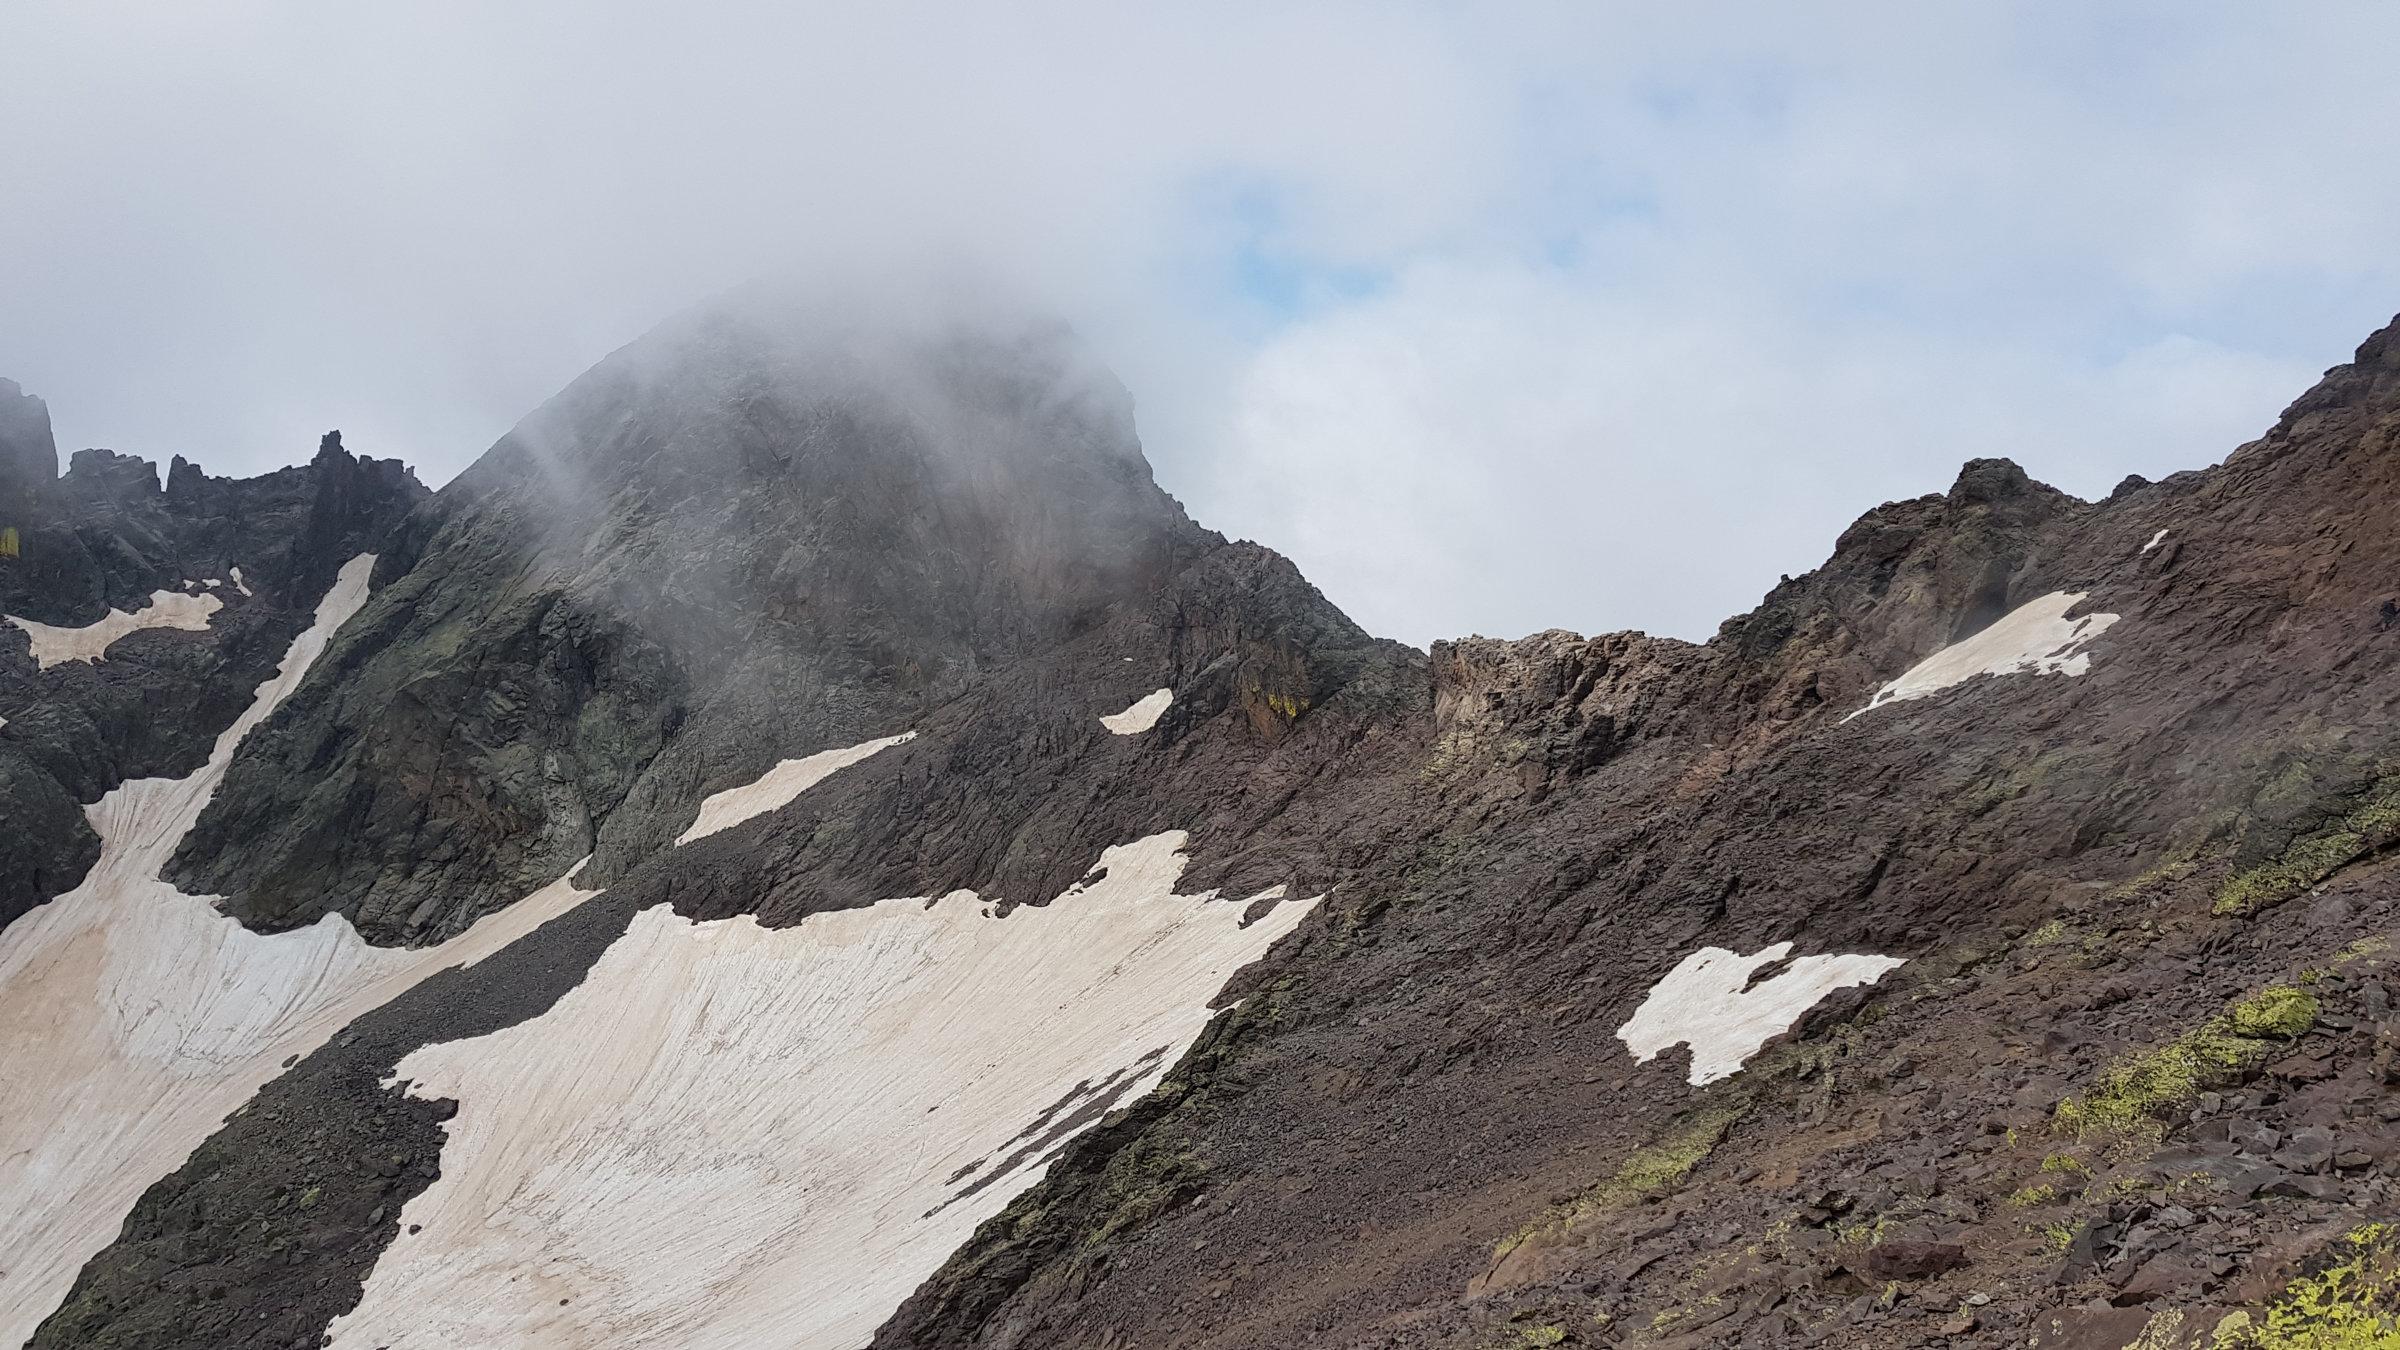 Monte Cinto, Korsika, GR20 Weitwanderweg, Wandern, Berge, Frankreich